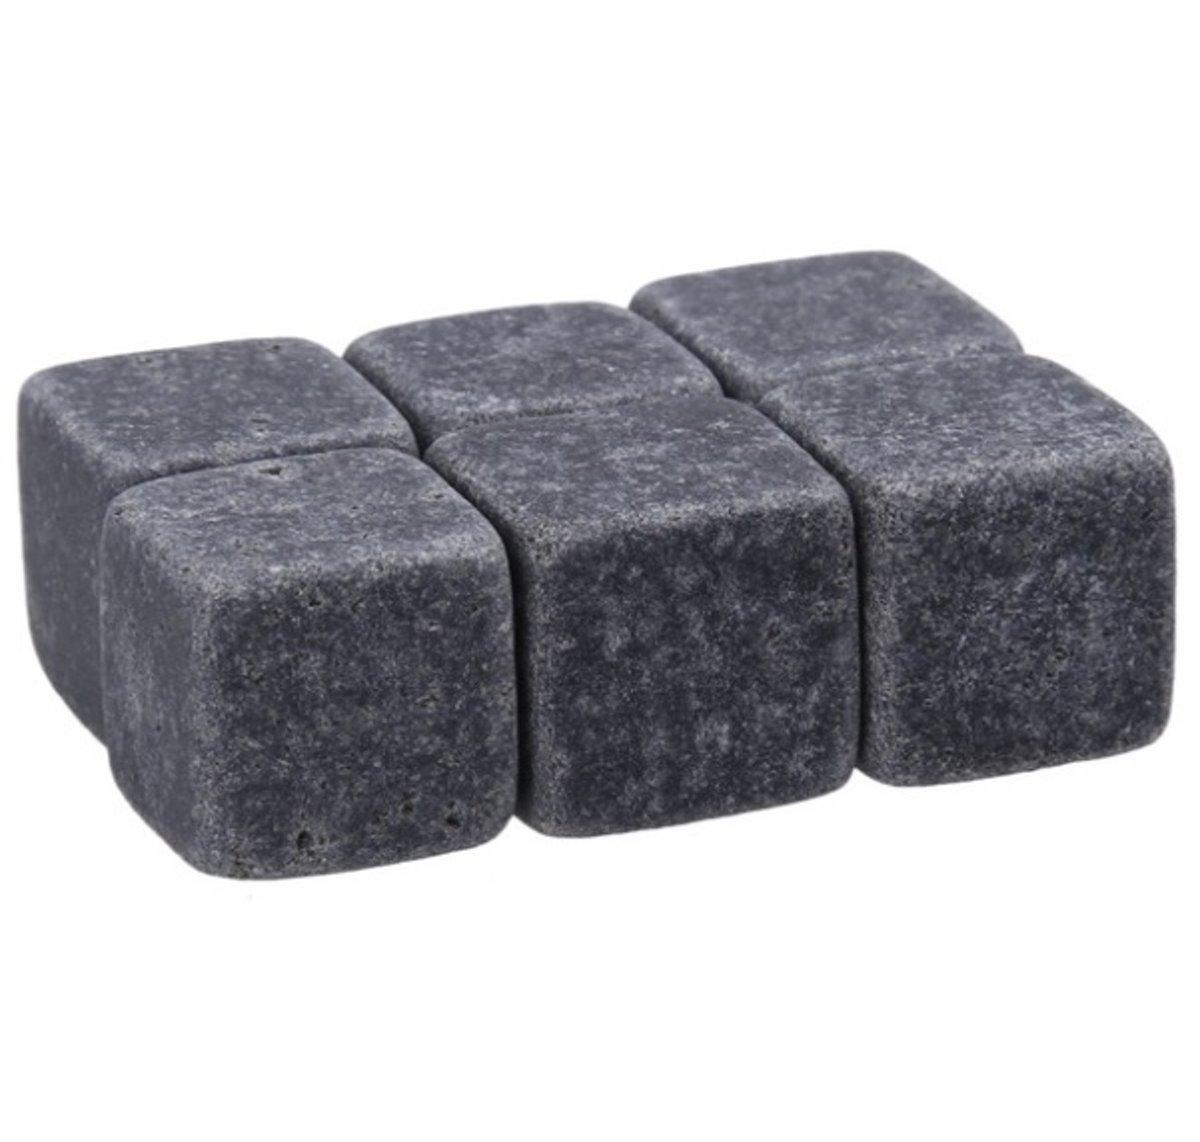 Set van zes whiskey stenen - Zwart - Met luxe cadeau verpakking kopen